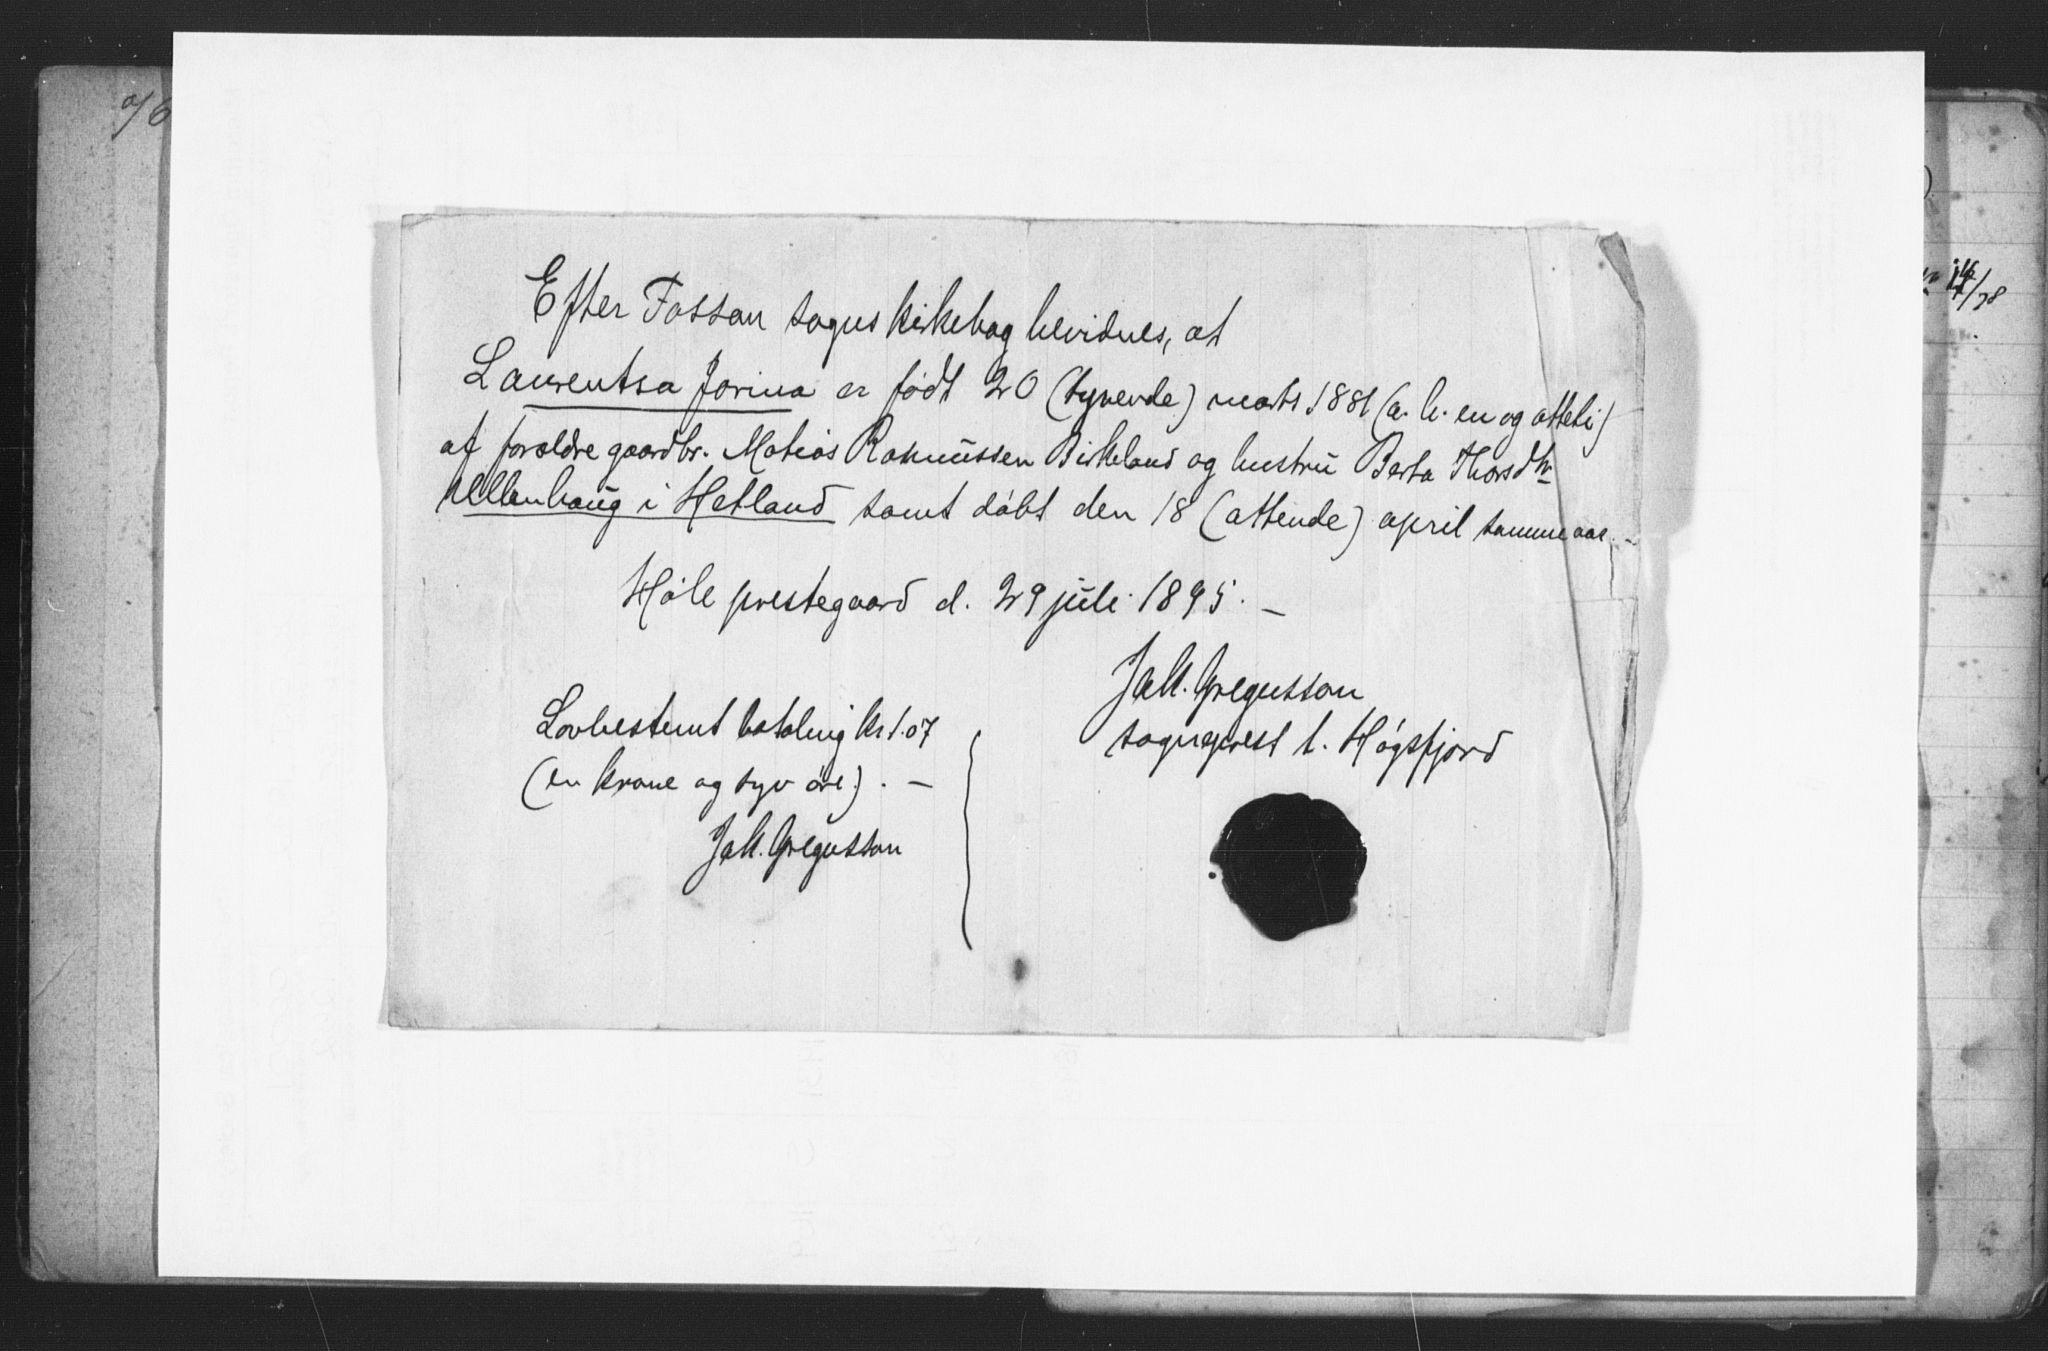 SAST, Hetland sokneprestkontor, 70/705BA/L0002: Lysningsprotokoll nr. 2, 1890-1898